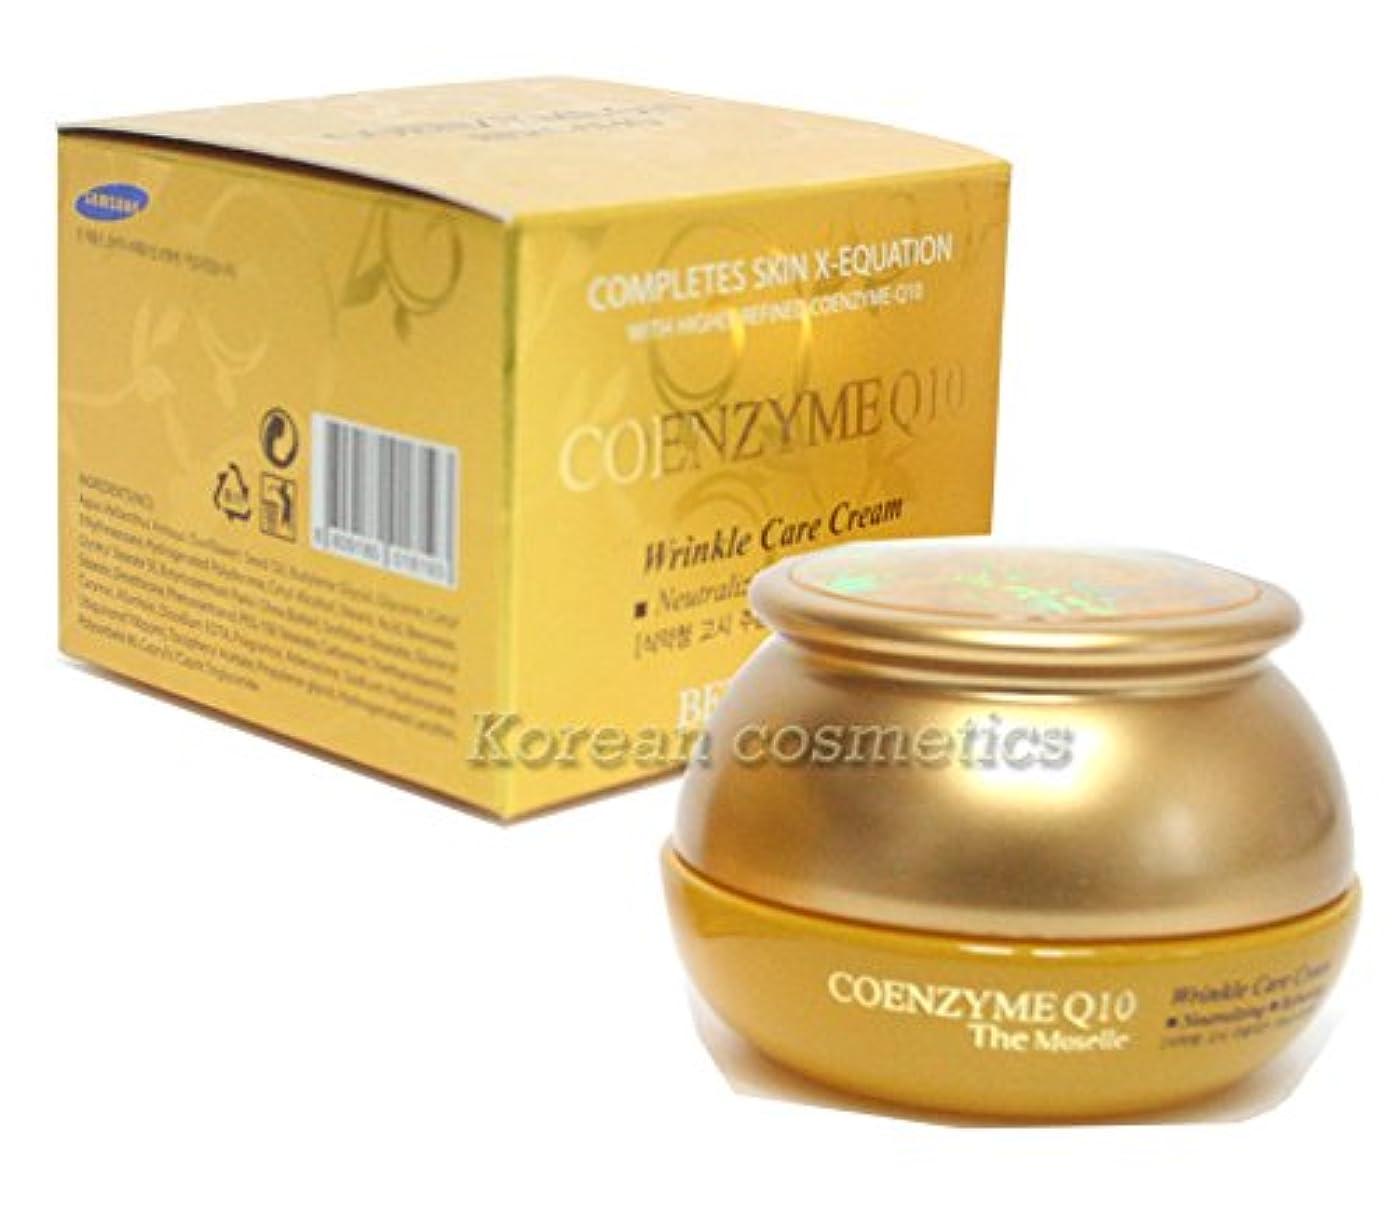 志す思われるも【ベルガモ][Bergamo] モーゼルコエンザイムQ10クリーム50g / the Moselle Coenzyme Q10 Cream 50g / リンクルケア、弾力性 / Wrinkle Care,elasticity...